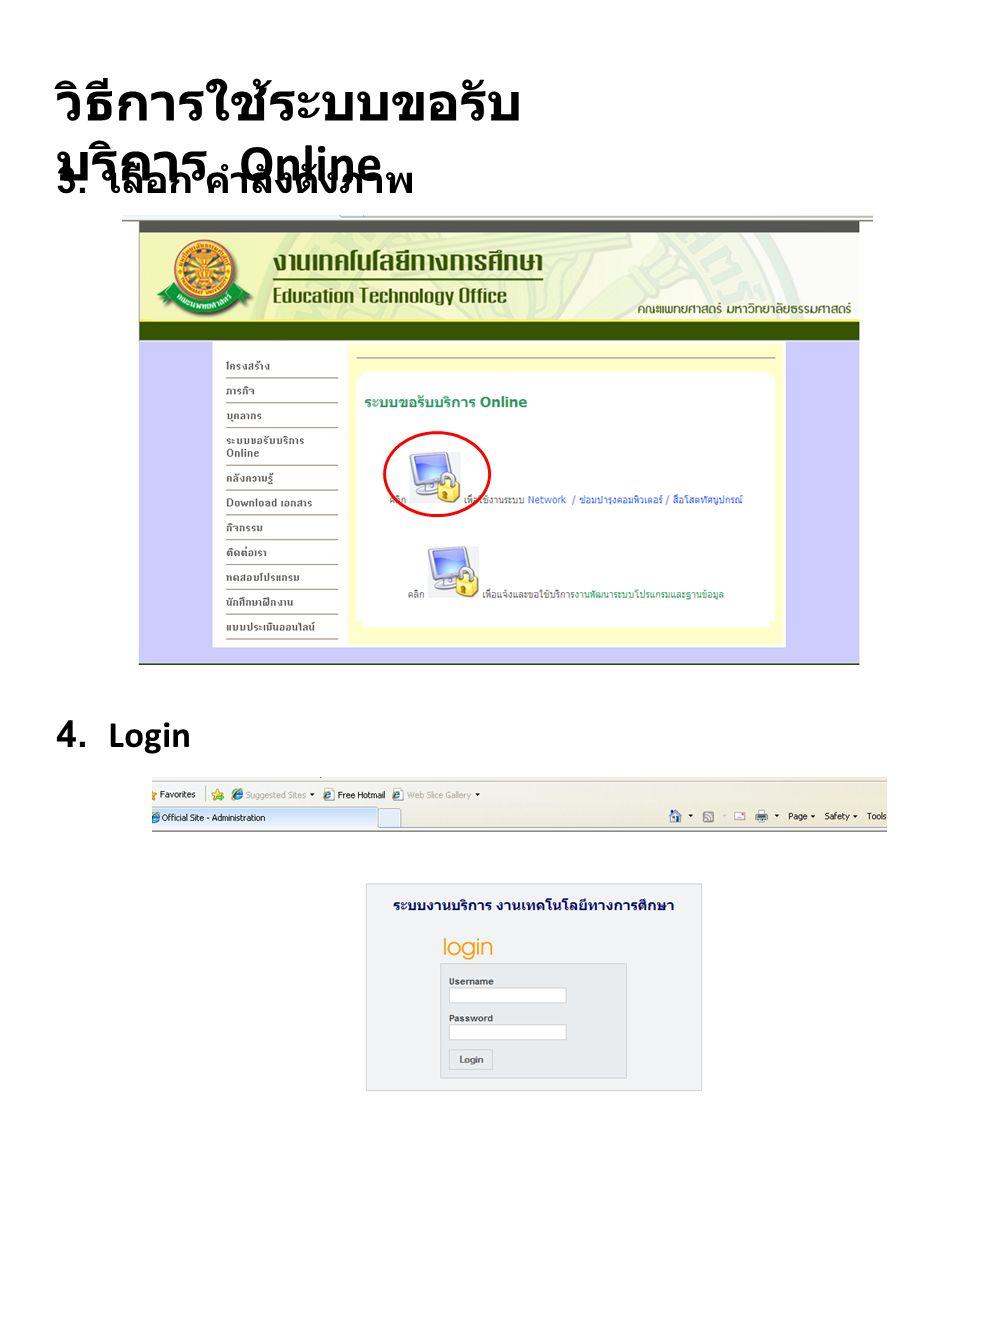 วิธีการใช้ระบบขอรับ บริการ Online 3. เลือก คำสั่งดังภาพ 4. Login